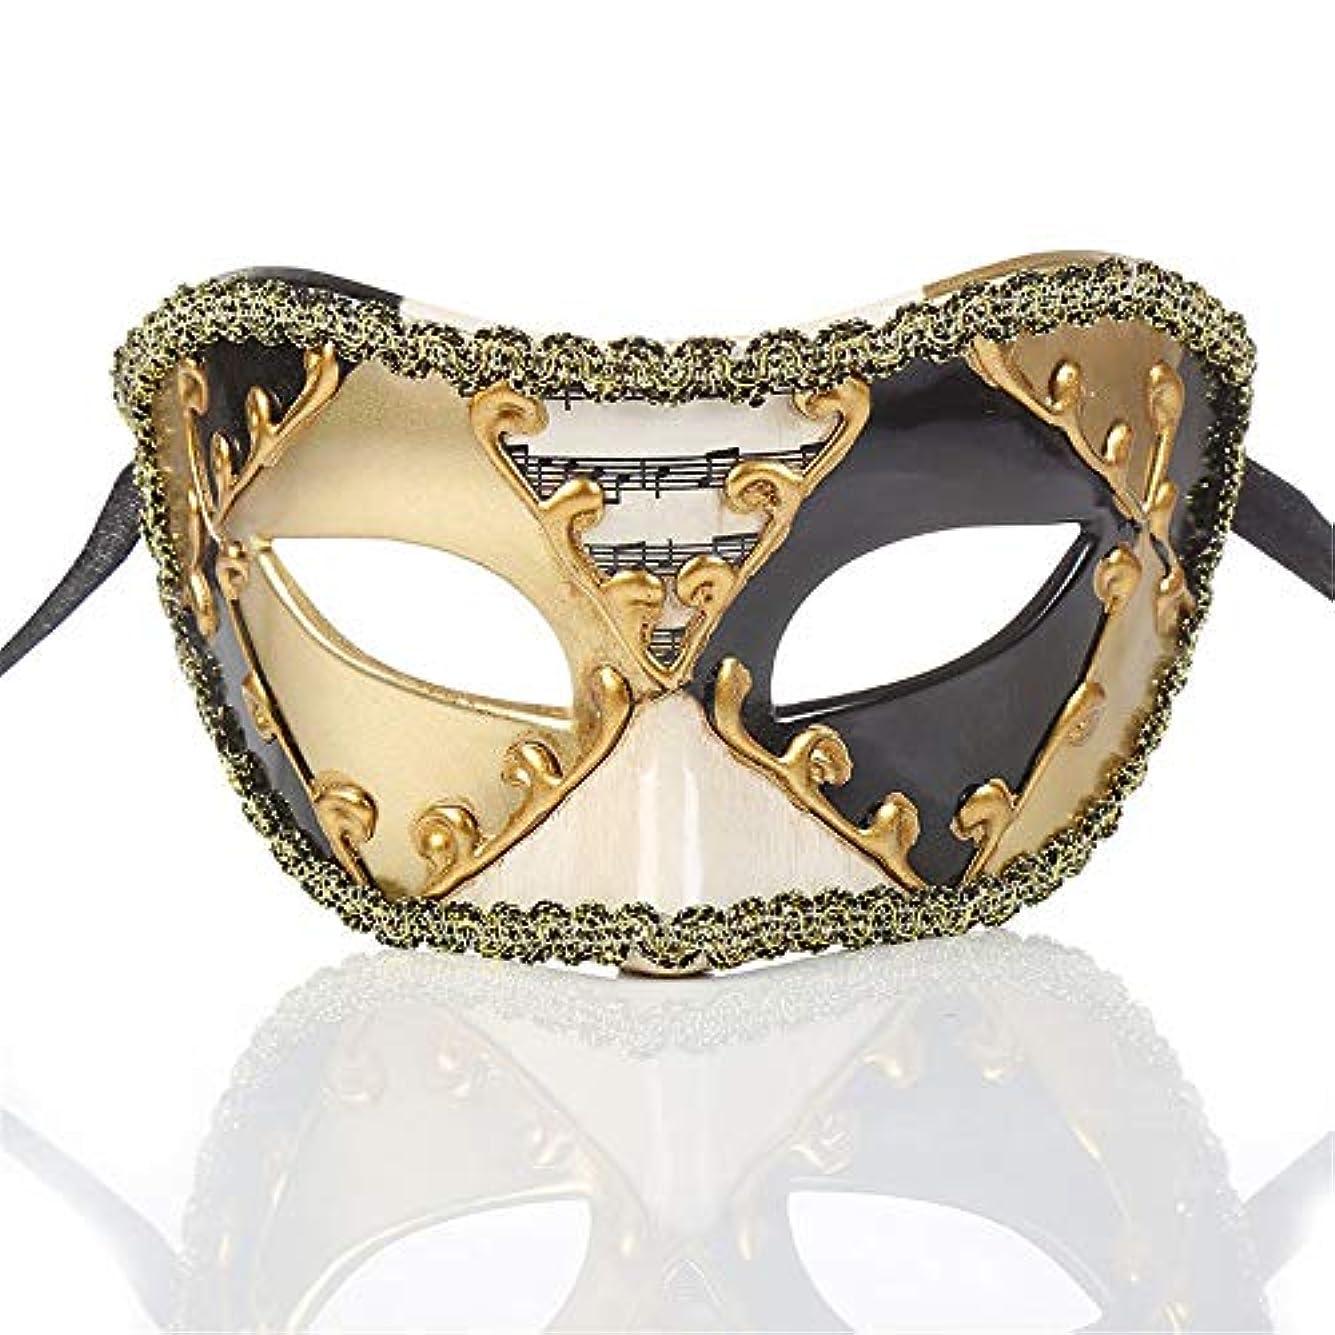 彼らのものドキドキエンターテインメントダンスマスク ヴィンテージクラシックハーフフェイスクラウンミュージカルノート装飾マスクフェスティバルロールプレイングプラスチックマスク ホリデーパーティー用品 (色 : ブラック, サイズ : 16.5x8cm)